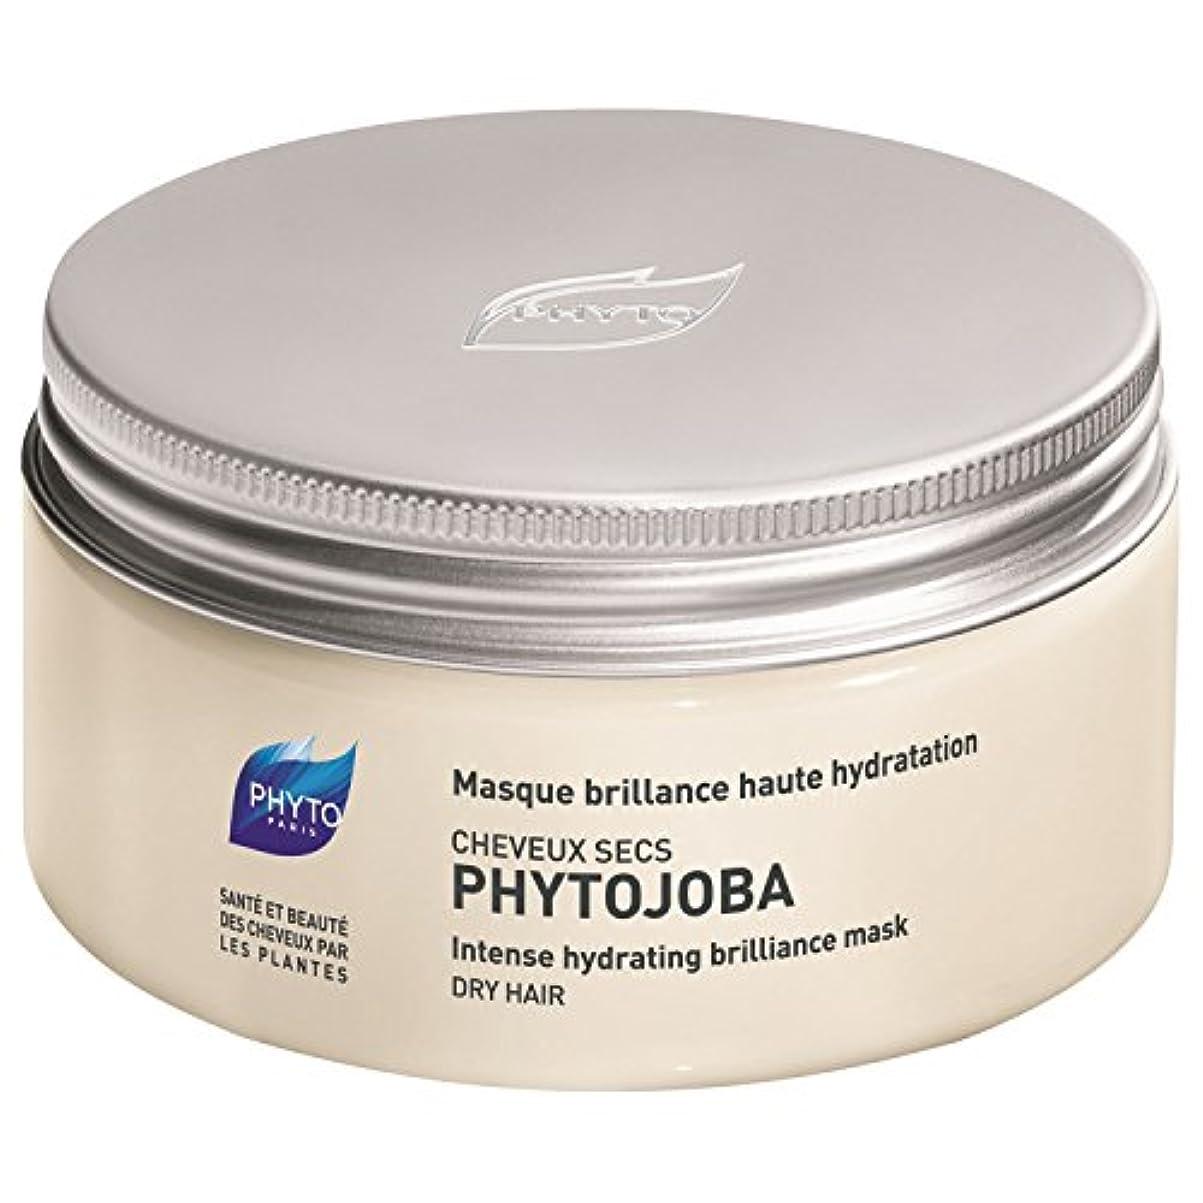 悪夢スラッシュ災難フィトPhytojoba強烈な水分補給マスク200ミリリットル (Phyto) (x6) - Phyto Phytojoba Intense Hydrating Mask 200ml (Pack of 6) [並行輸入品]